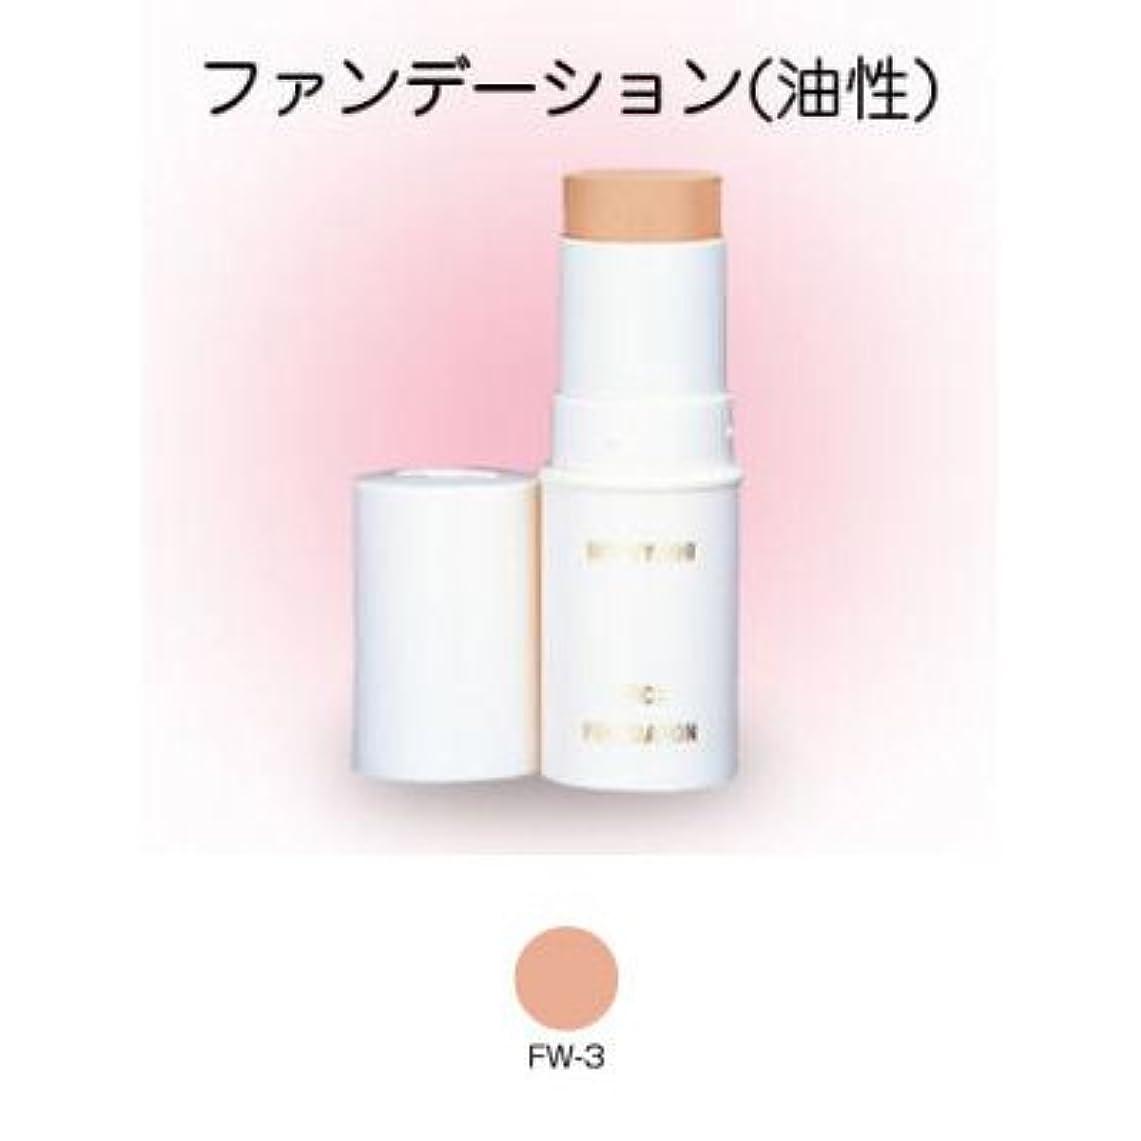 アソシエイトスノーケル取り除く三善 スティックファンデーション ナチュラルメーク 自然な舞台化粧 カラー:FW-3 (C)